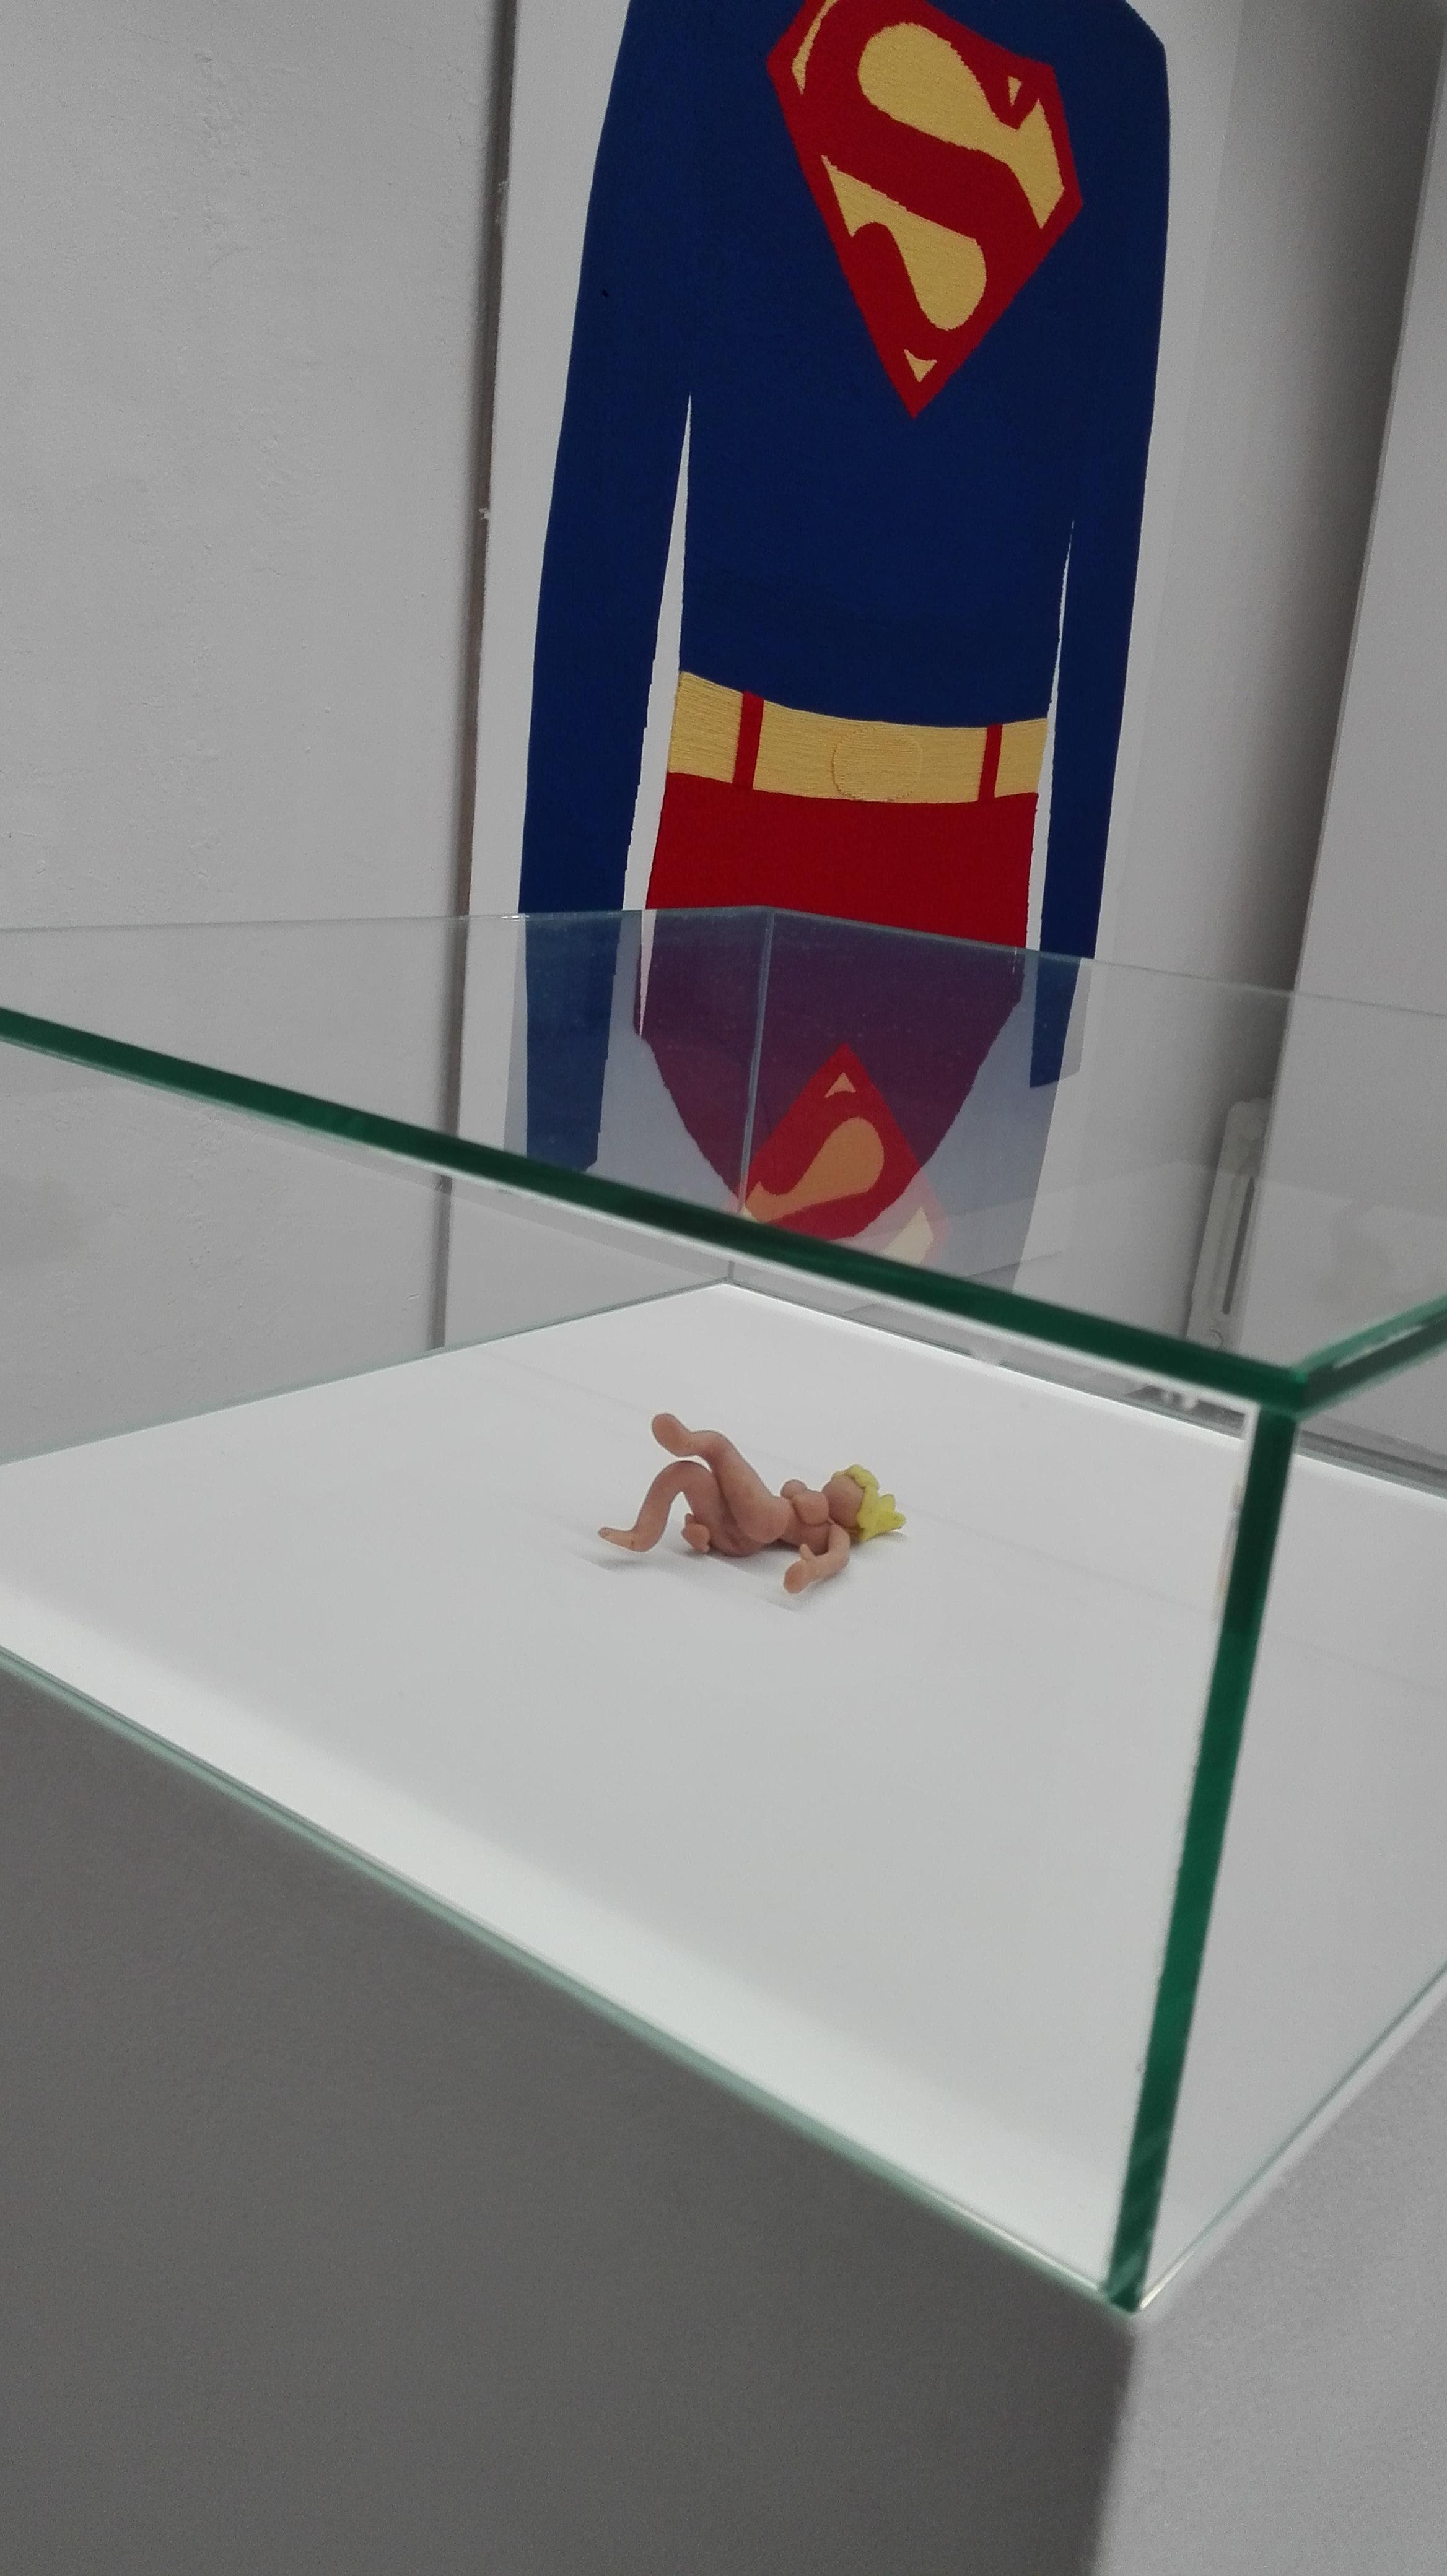 Stefan Rinck - Zurück in die Zukunft | Kunsthalle am Hamburger Platz | Berlin | 2016